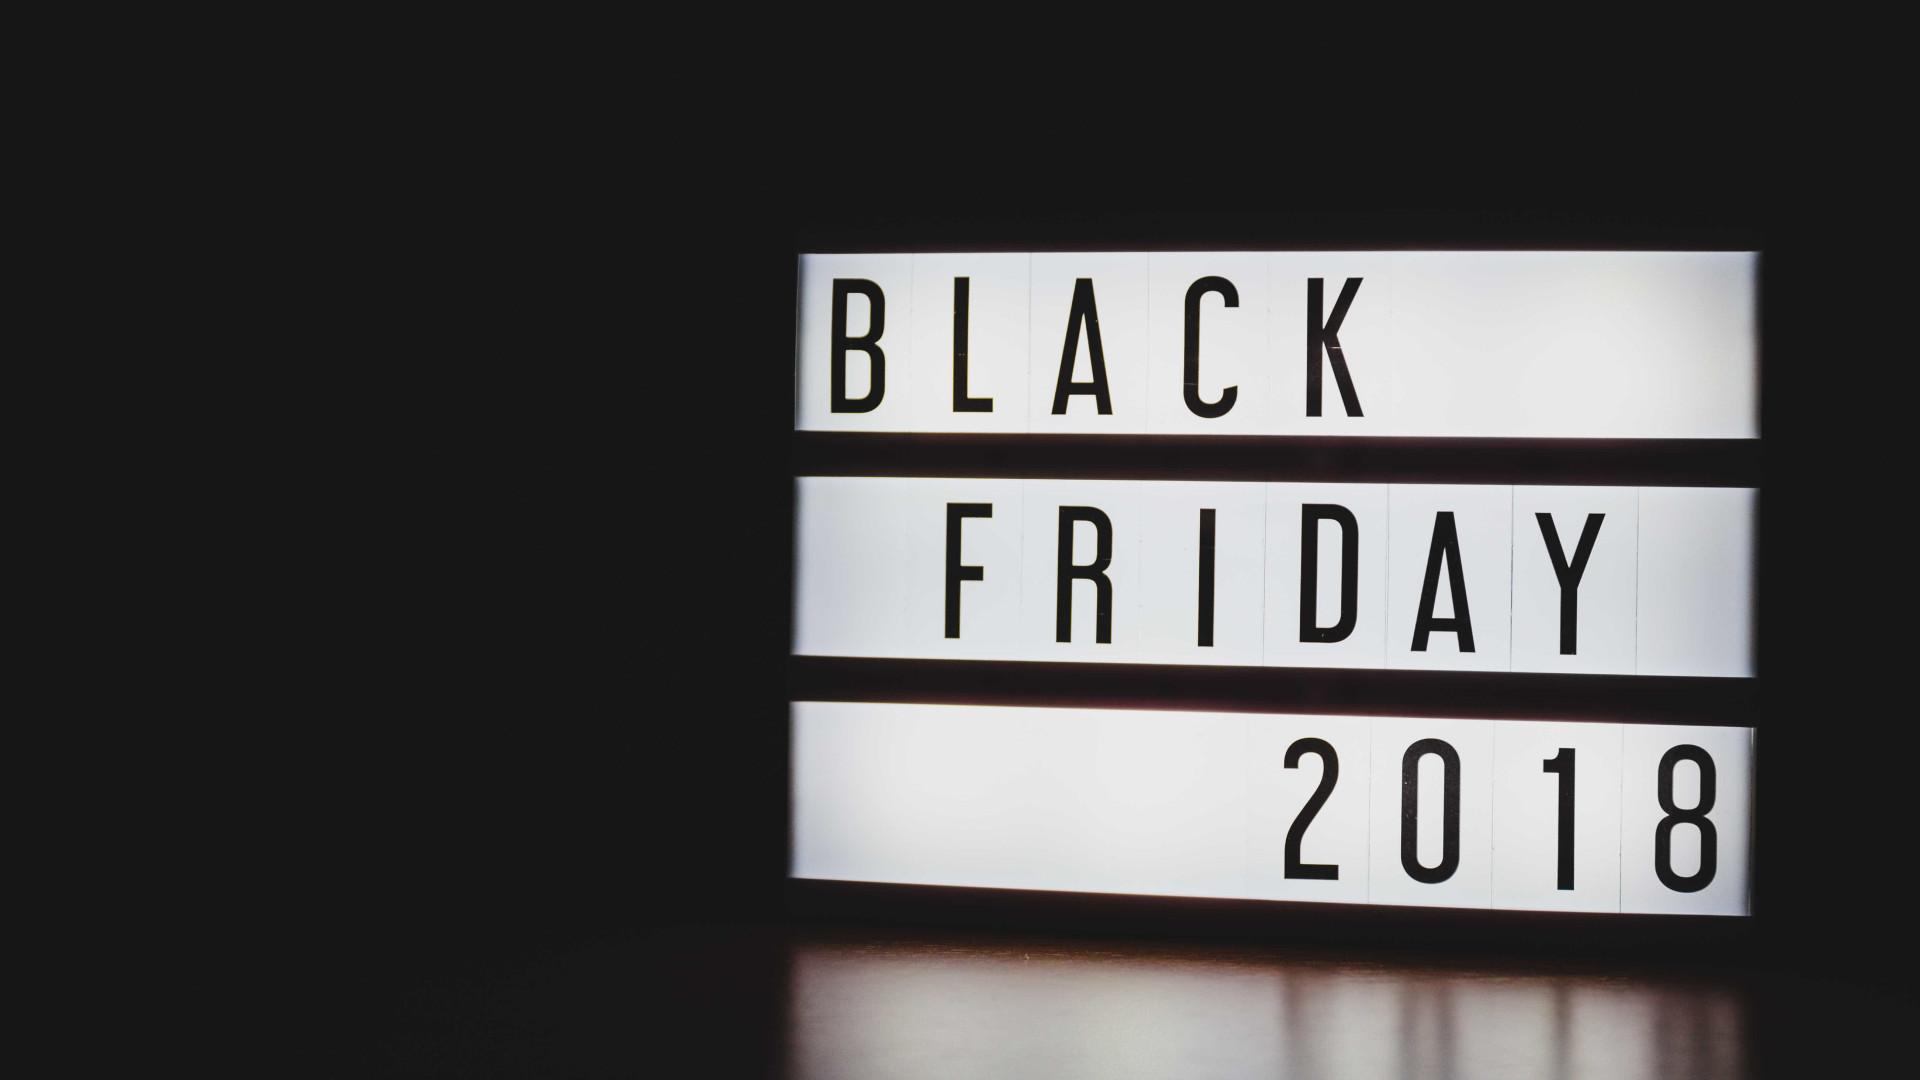 Pesquisa estima aumento de 15% nas vendas na Black Friday